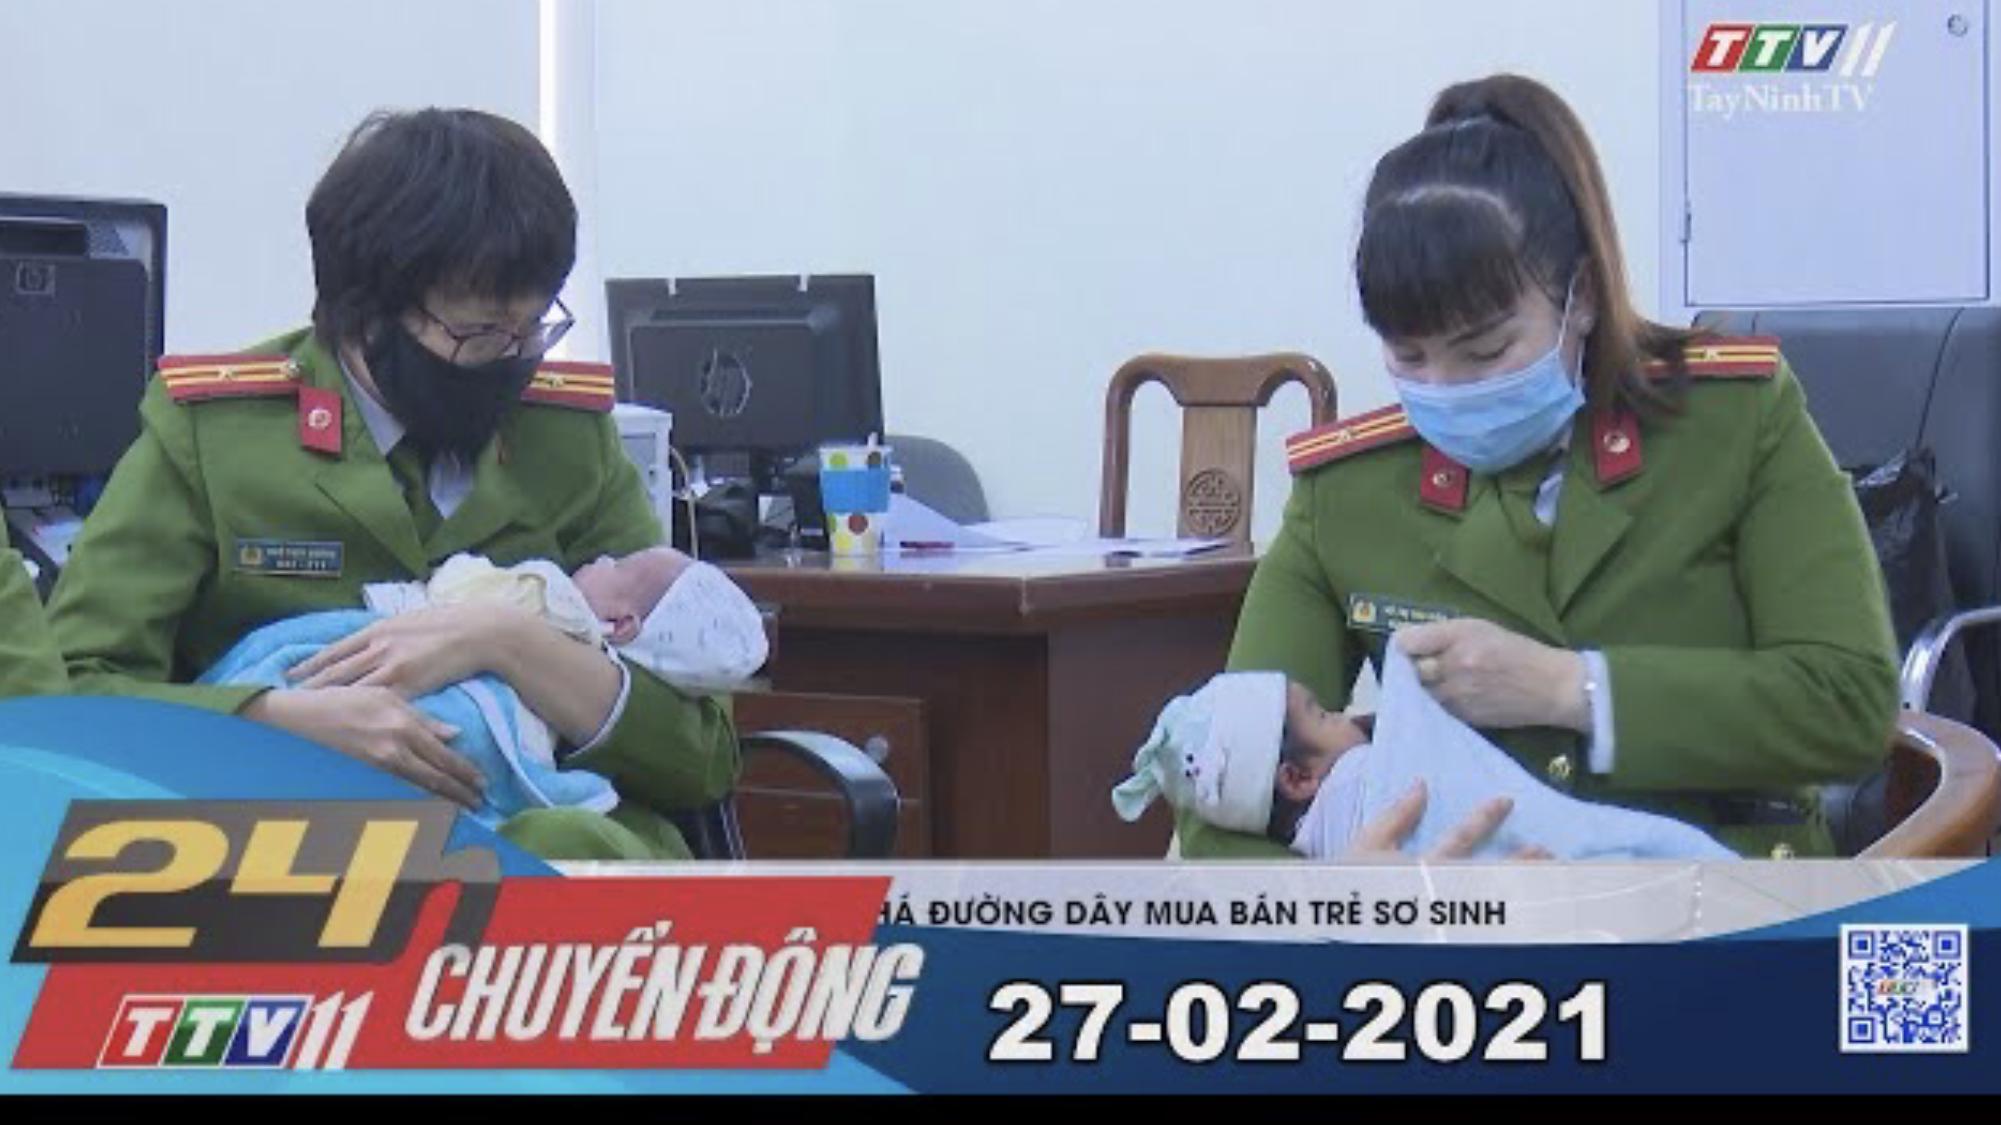 24h Chuyển động 27-02-2021 | Tin tức hôm nay | TayNinhTV